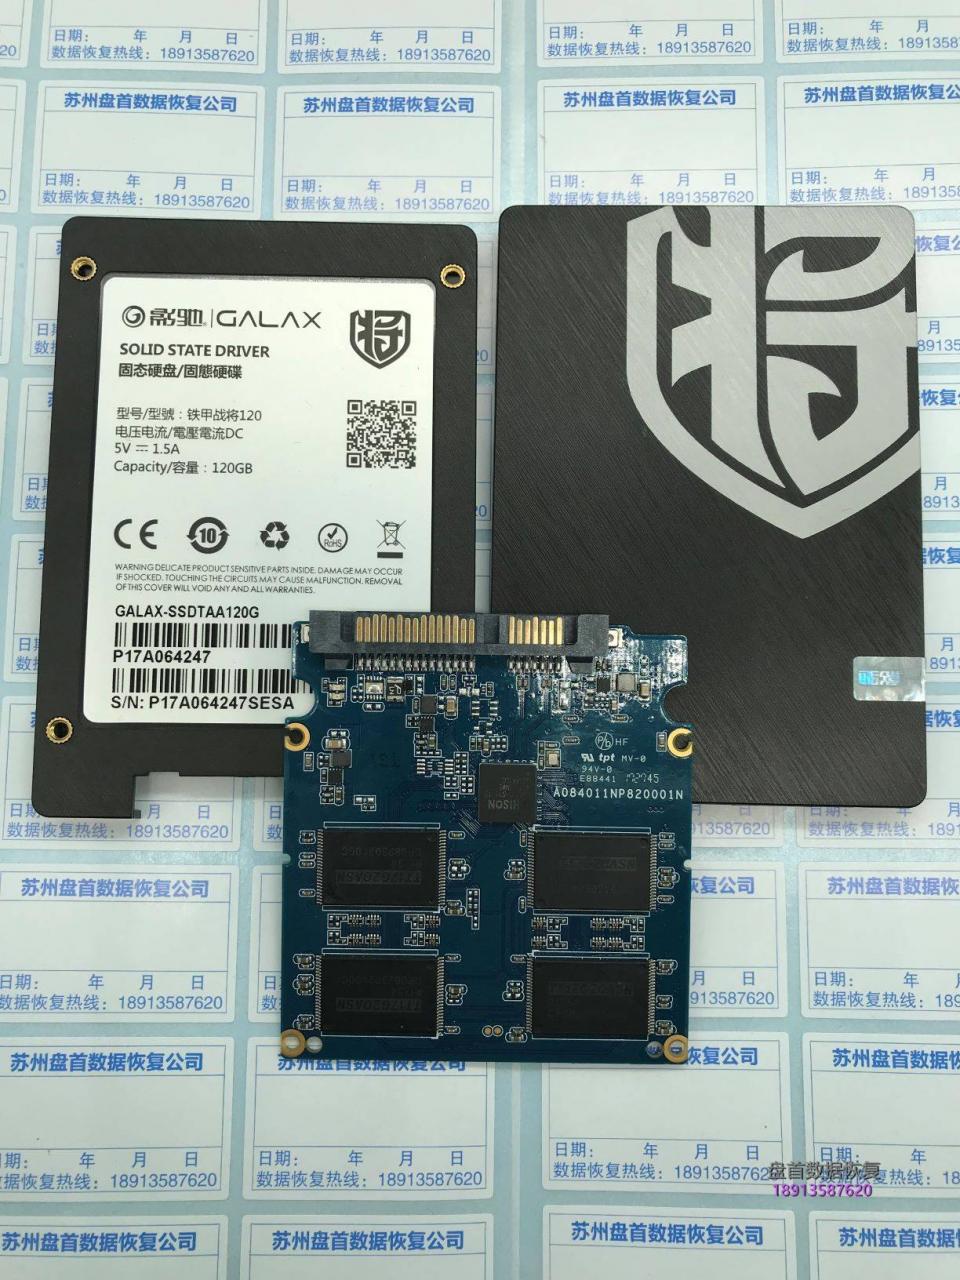 二次恢复影驰120G固态硬盘PS3111-S11-13主控数据完美恢复